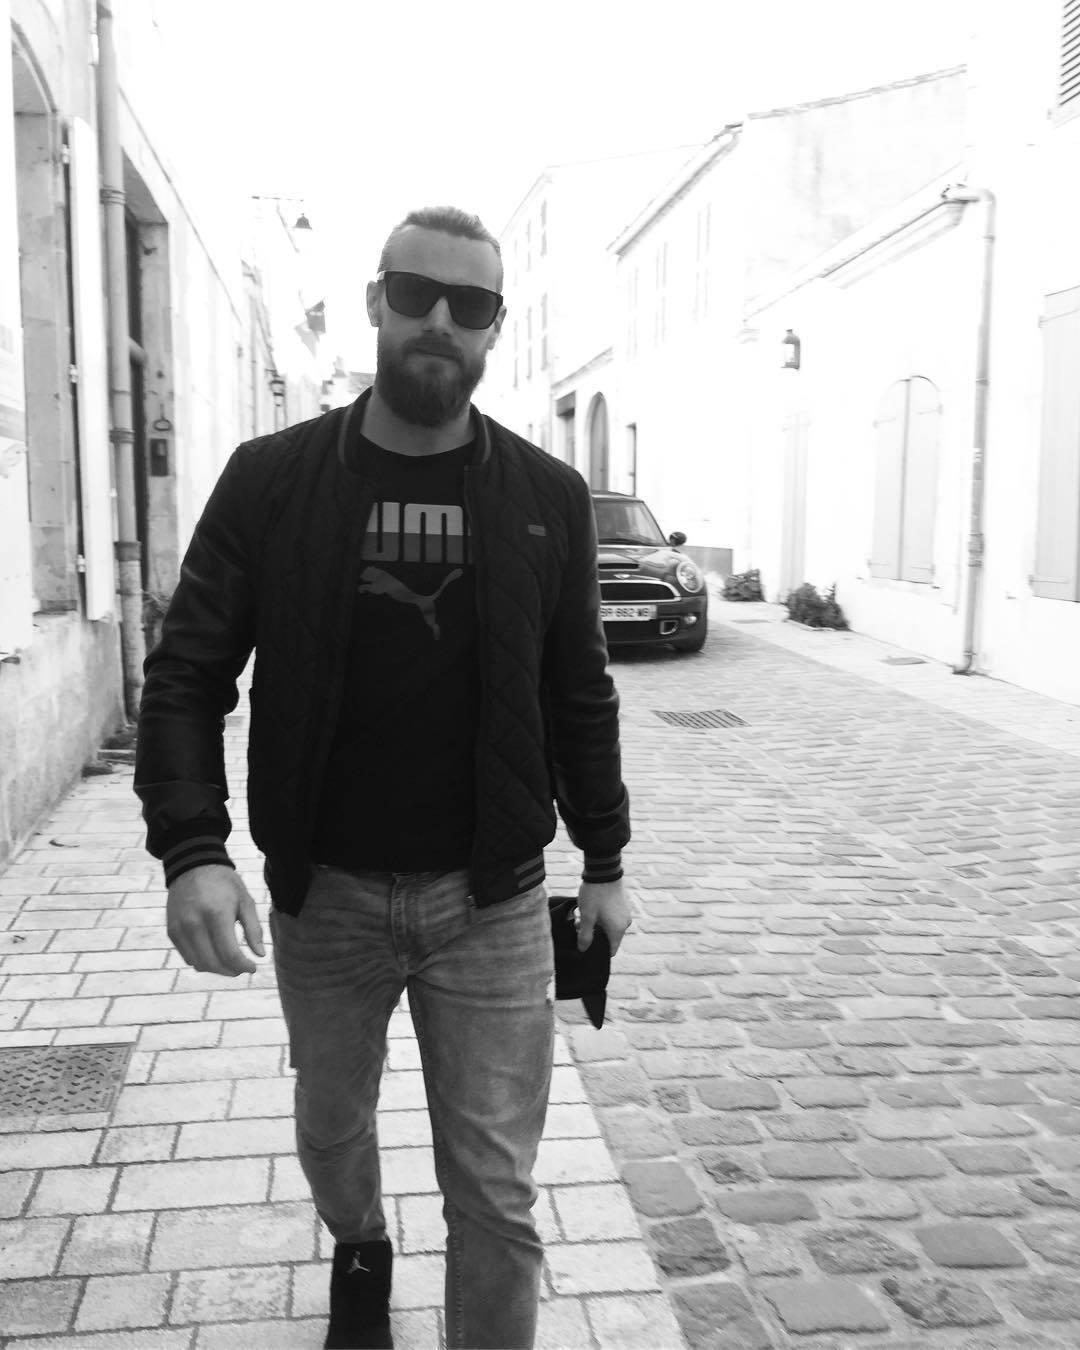 Hokejista Marek Peksa je možná novým partnerem Lucie Vondráčkové